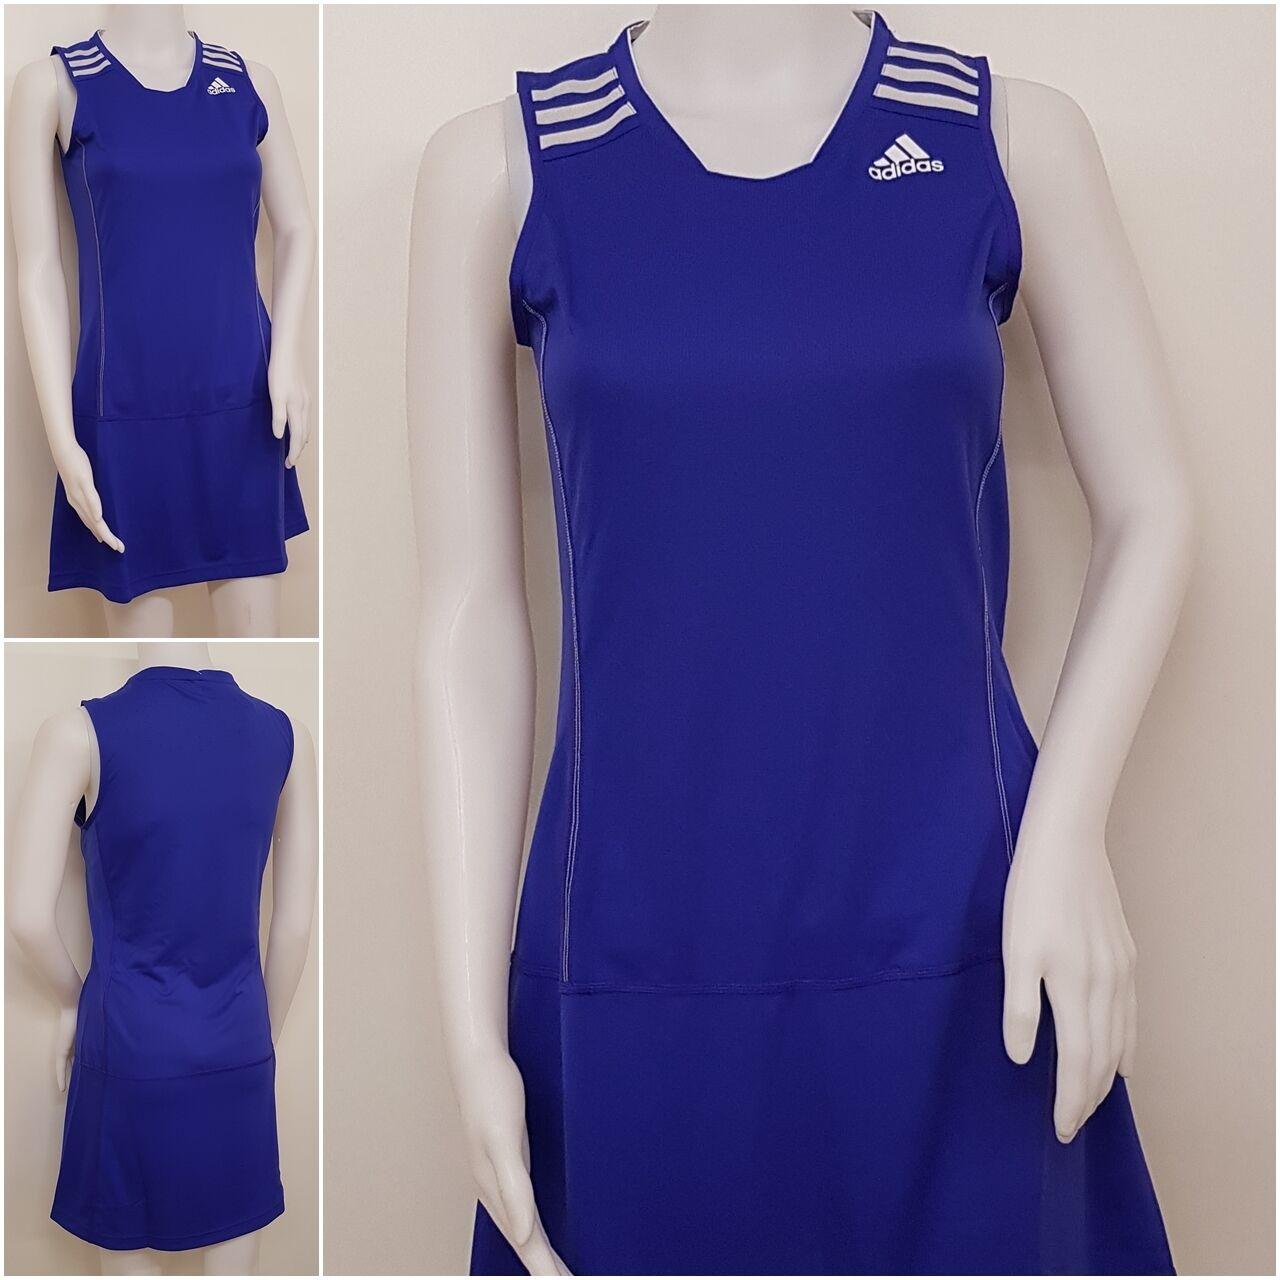 Adidas Damen Badminton Rock G85182 W Bt Skort m Blau Neu @339